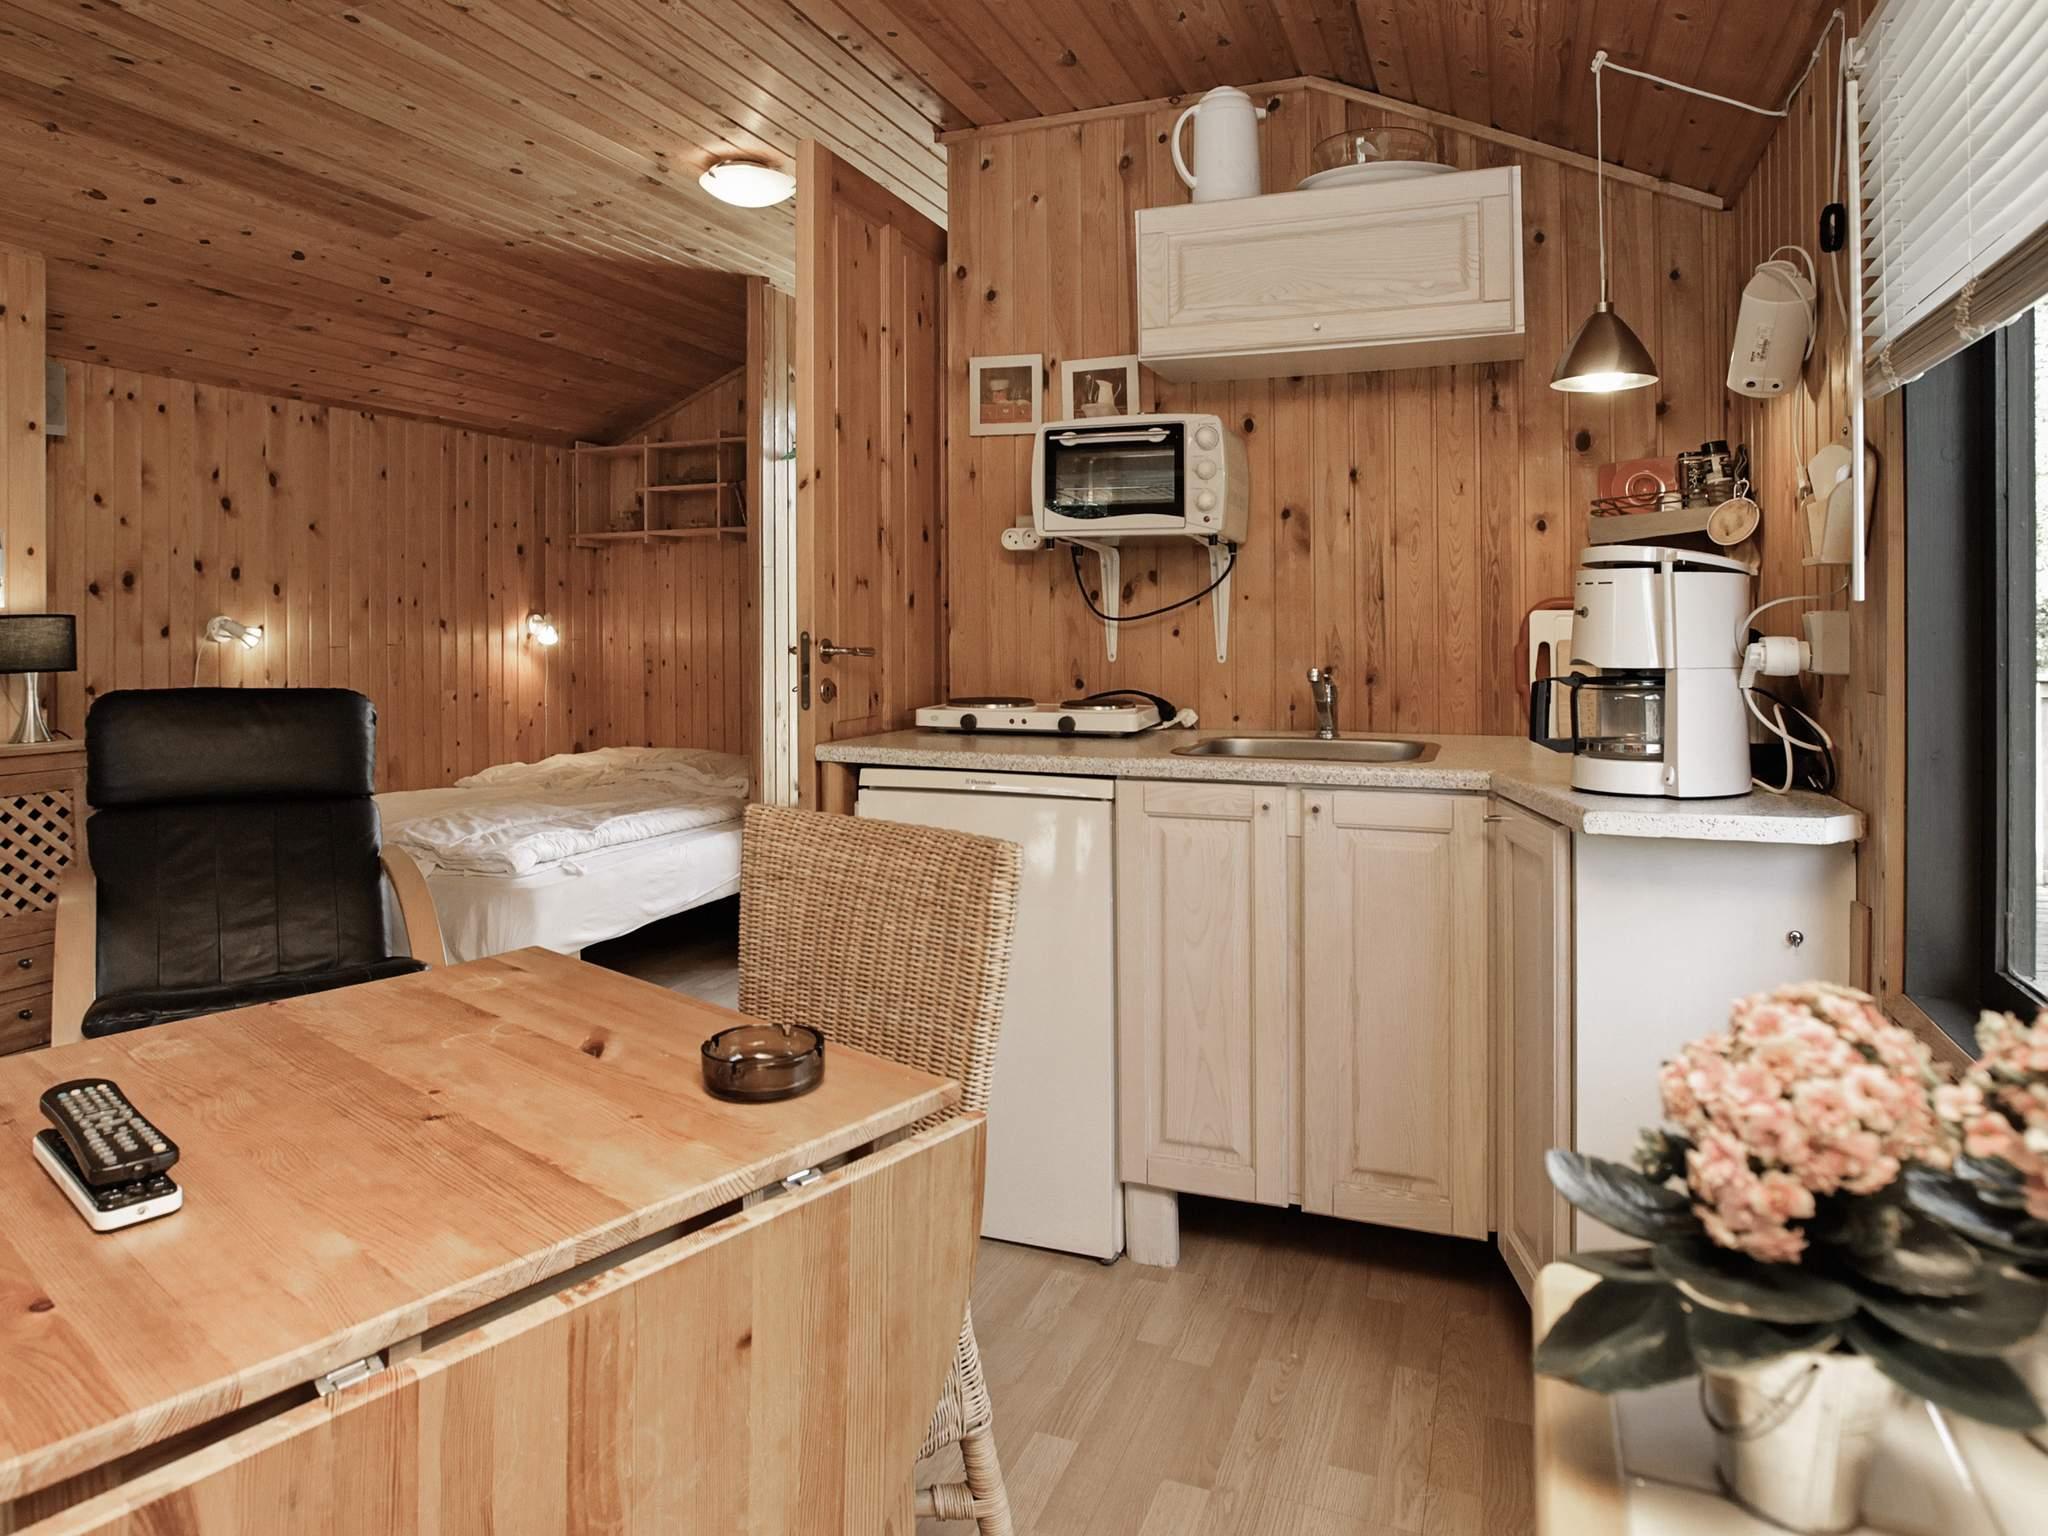 Ferienhaus Hou/Lagunen (84779), Hou, , Nordostjütland, Dänemark, Bild 6